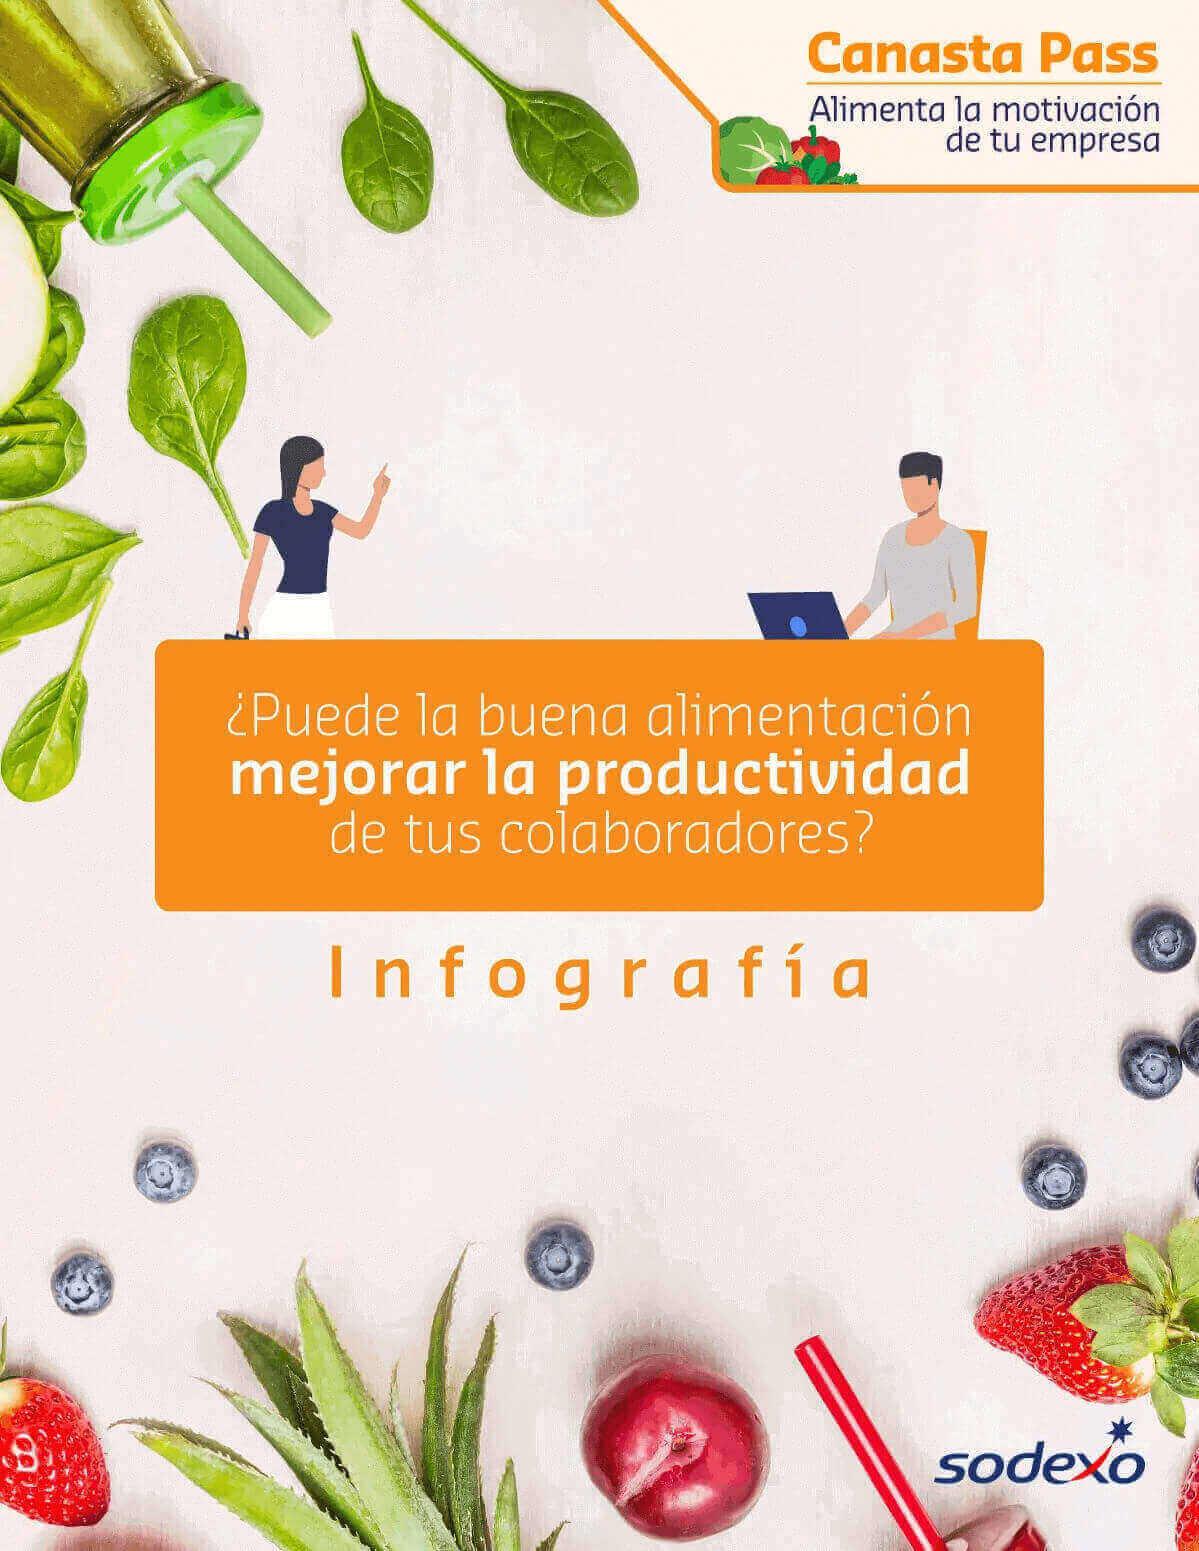 ¿Puede la buena alimentación mejorar la productividad de tus colaboradores?